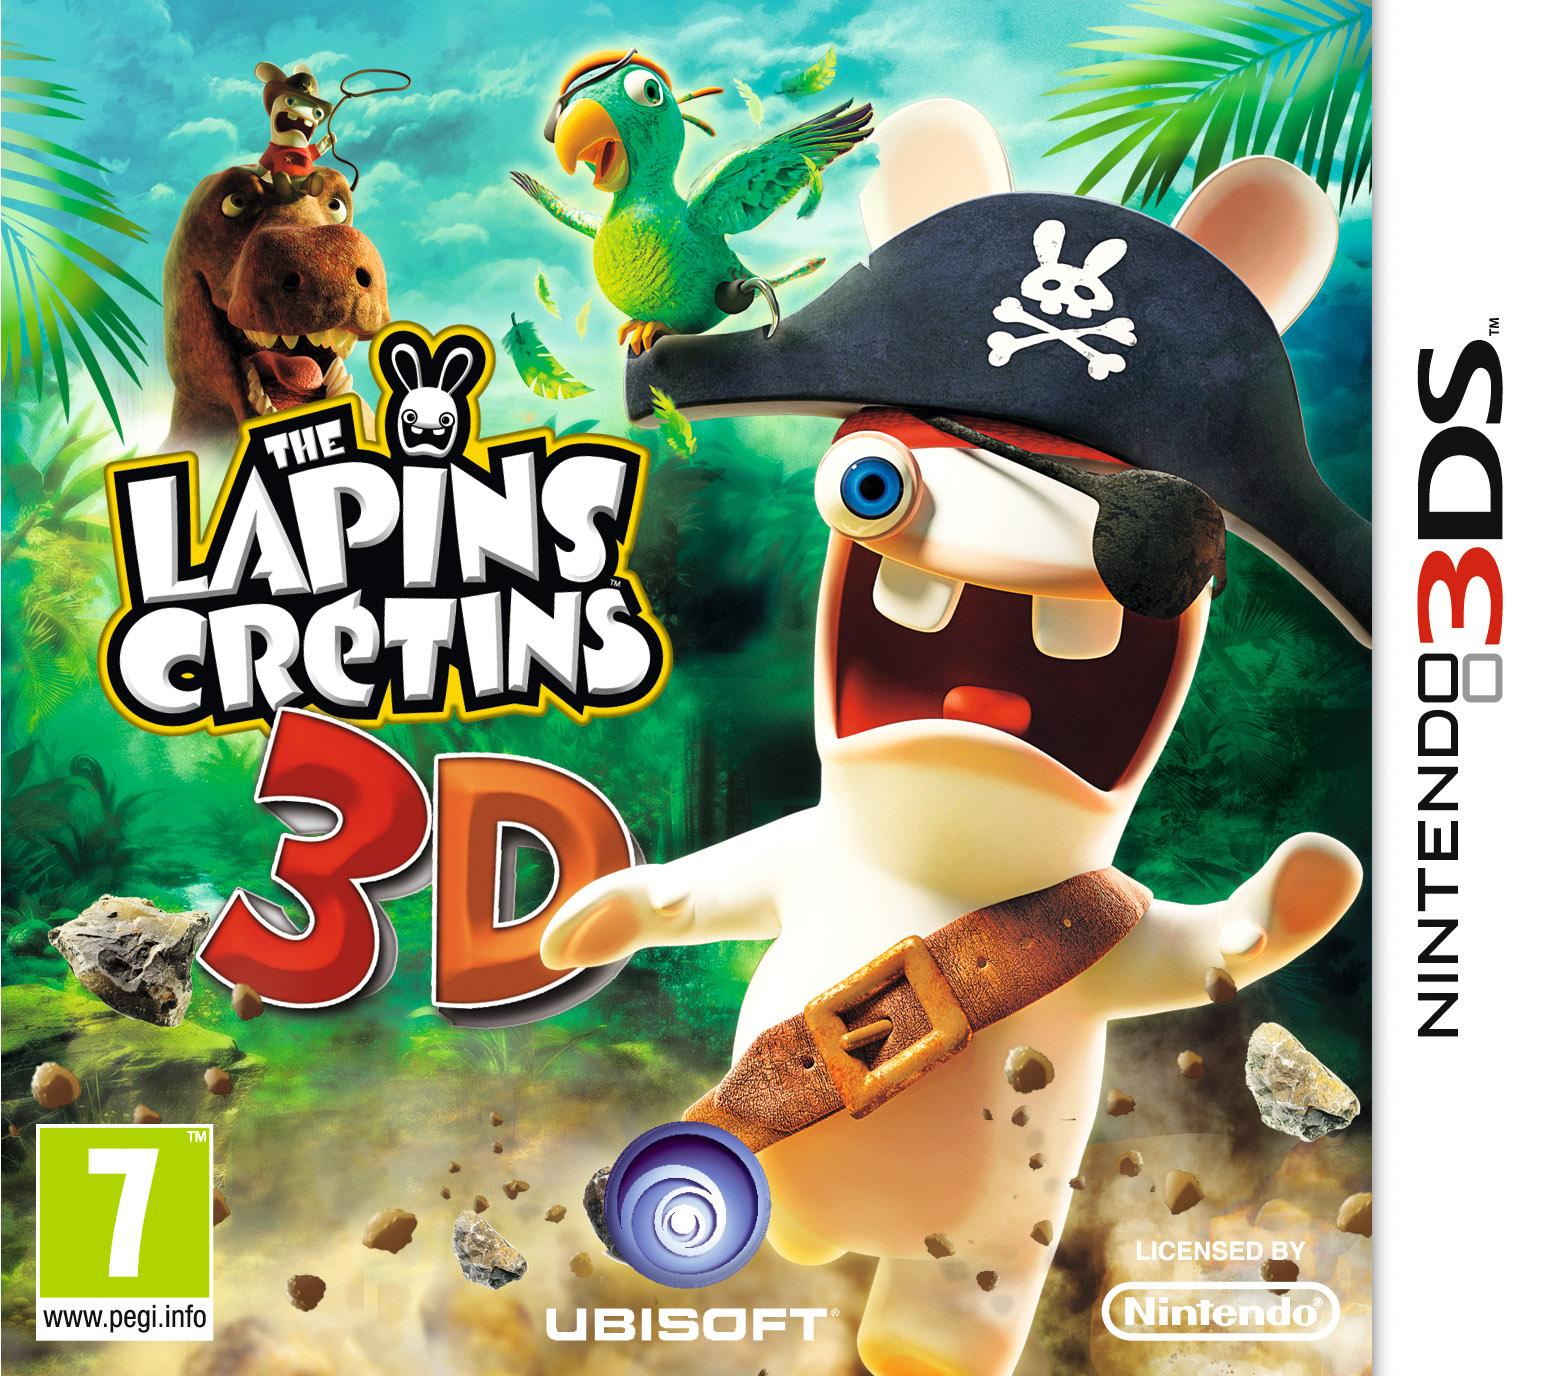 TheLapinsCretins3D 3DS Jaquette 001